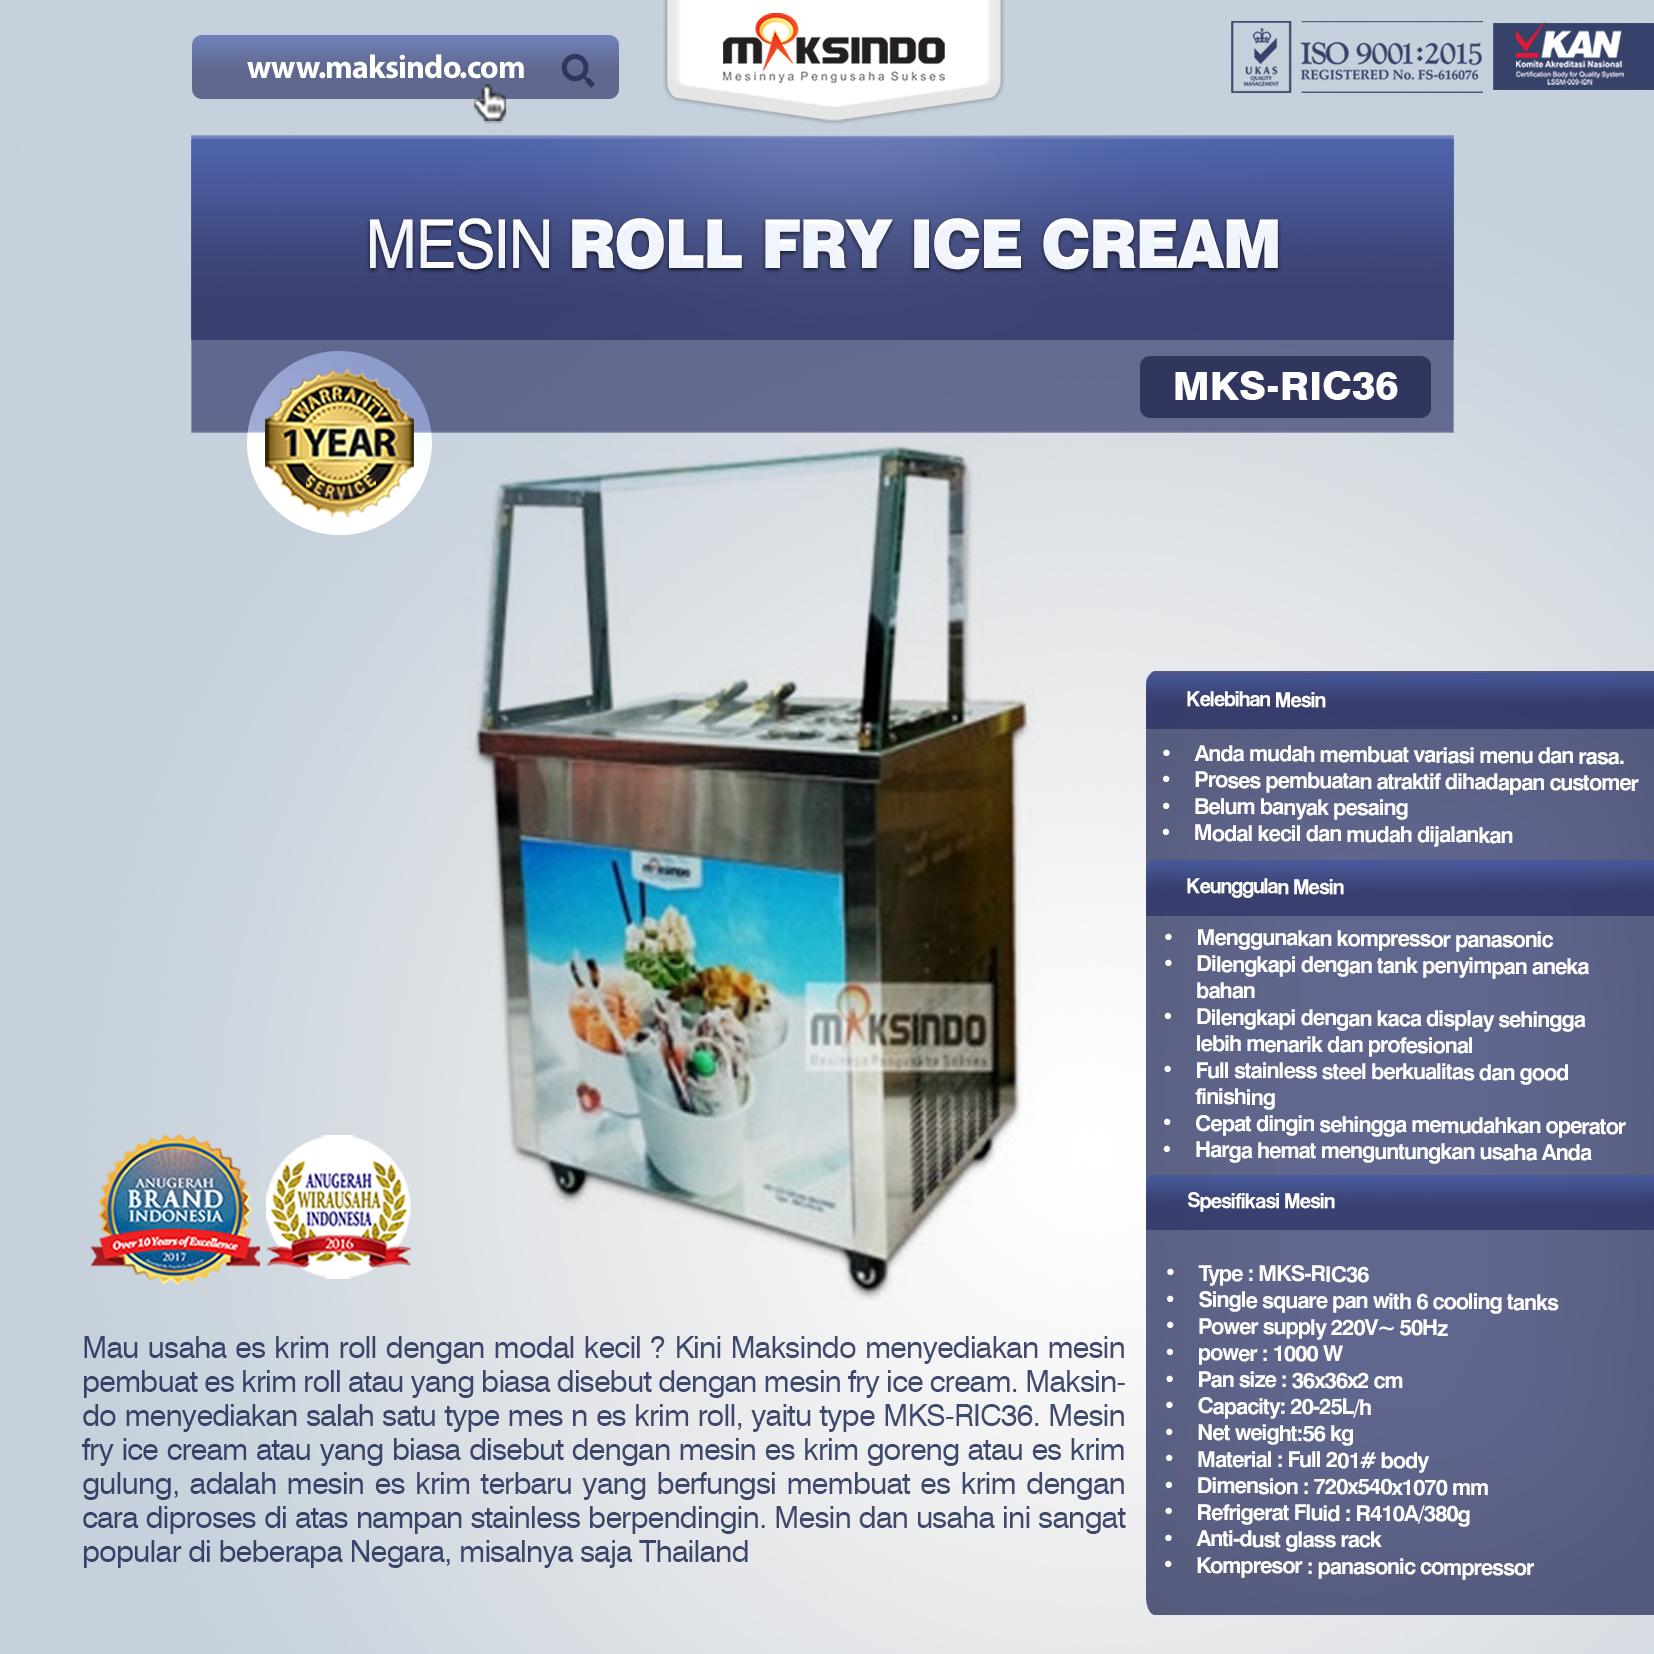 Jual Mesin Roll Fry Ice Cream (RIC36) di Bogor